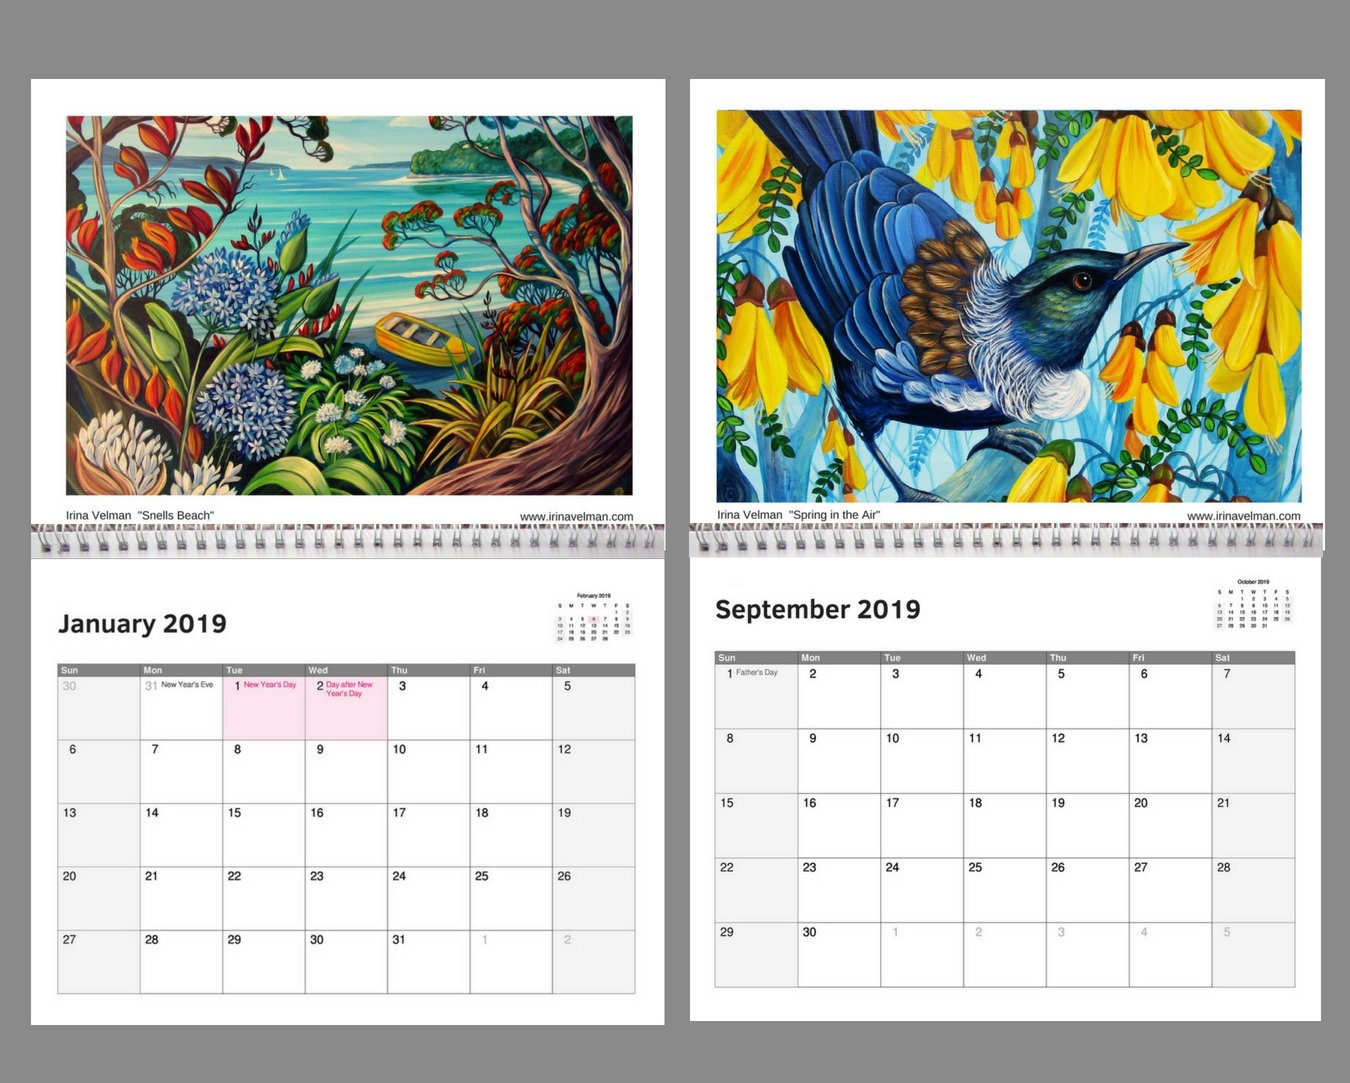 2019 Calendar- Nz Artist Irina Velman | Felt Calendar 2019 Artist